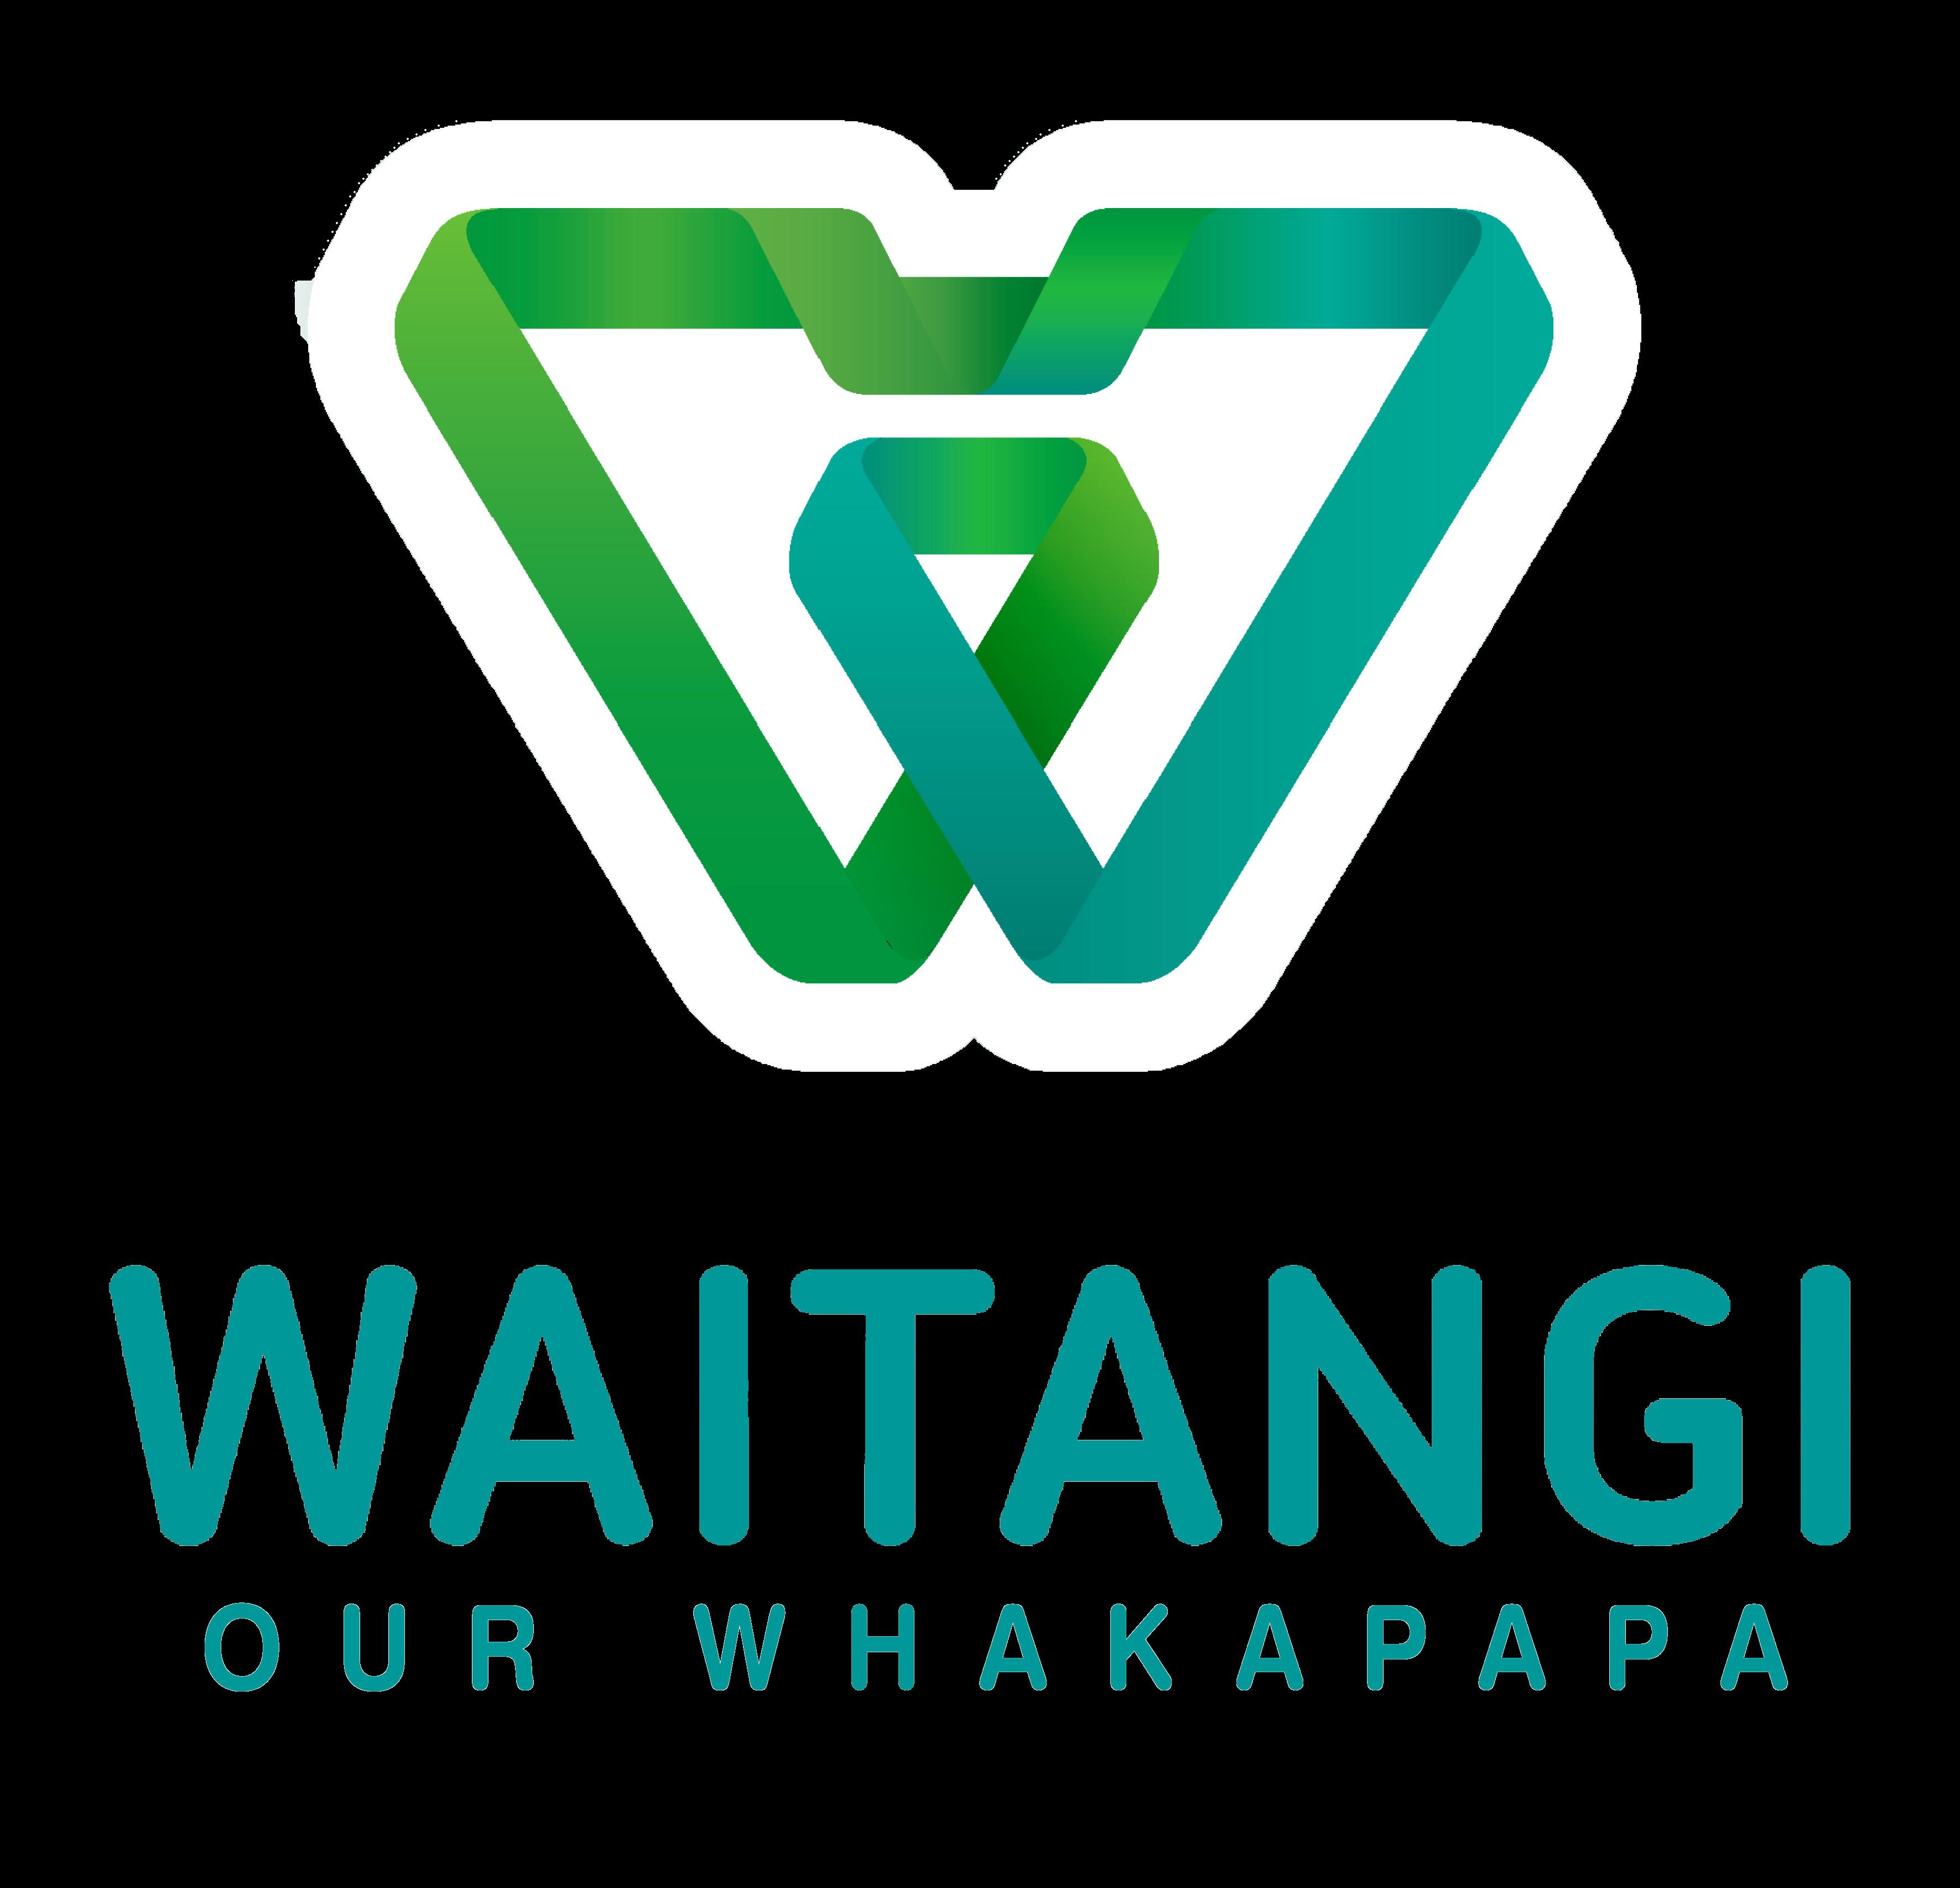 Waitangi Our Whakapapa logo 1 (1)